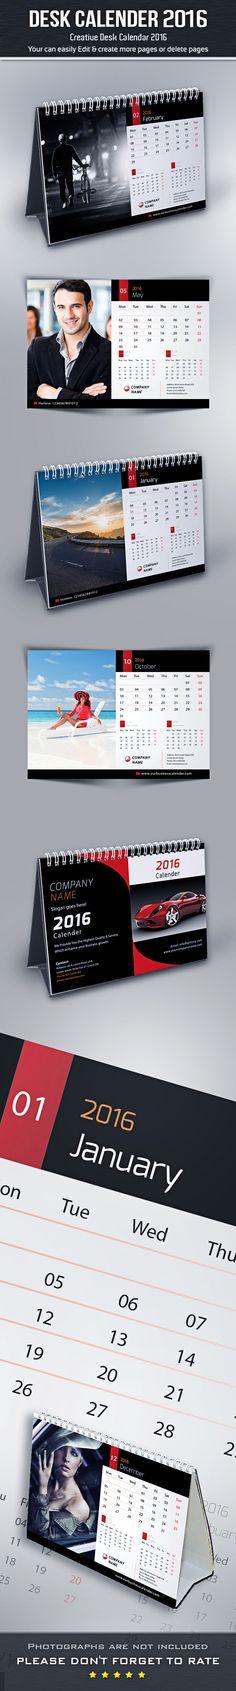 http://graphicriver.net/item/desk-calendar-2016-/12677515